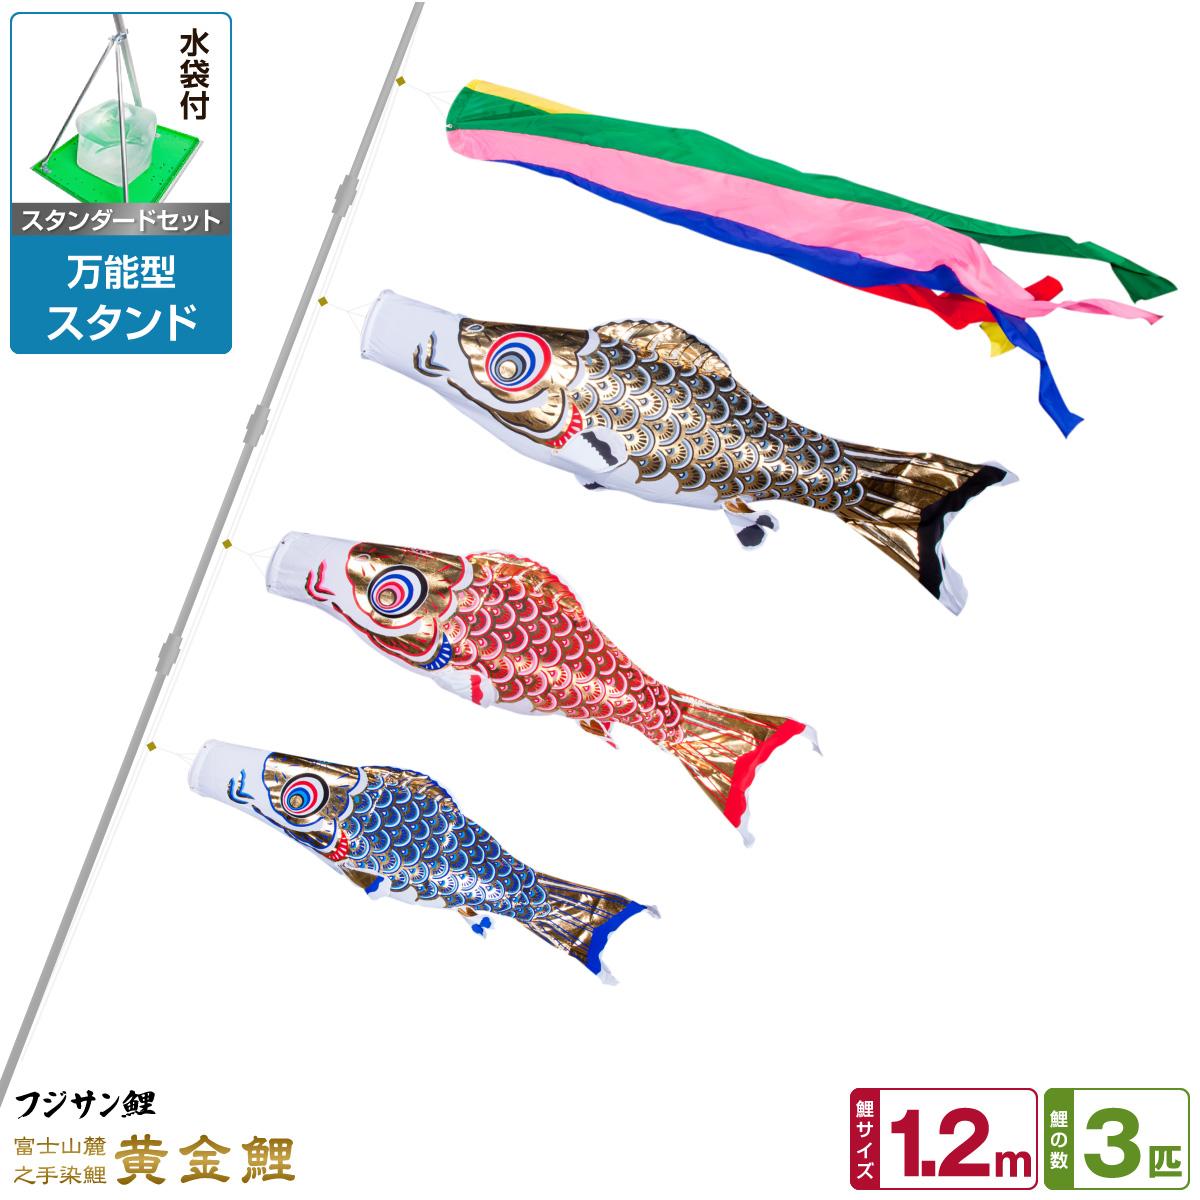 ベランダ用 こいのぼり 鯉のぼり フジサン鯉 黄金鯉 1.2m 6点(吹流し+鯉3匹+矢車+ロープ)/スタンダードセット(万能スタンド)